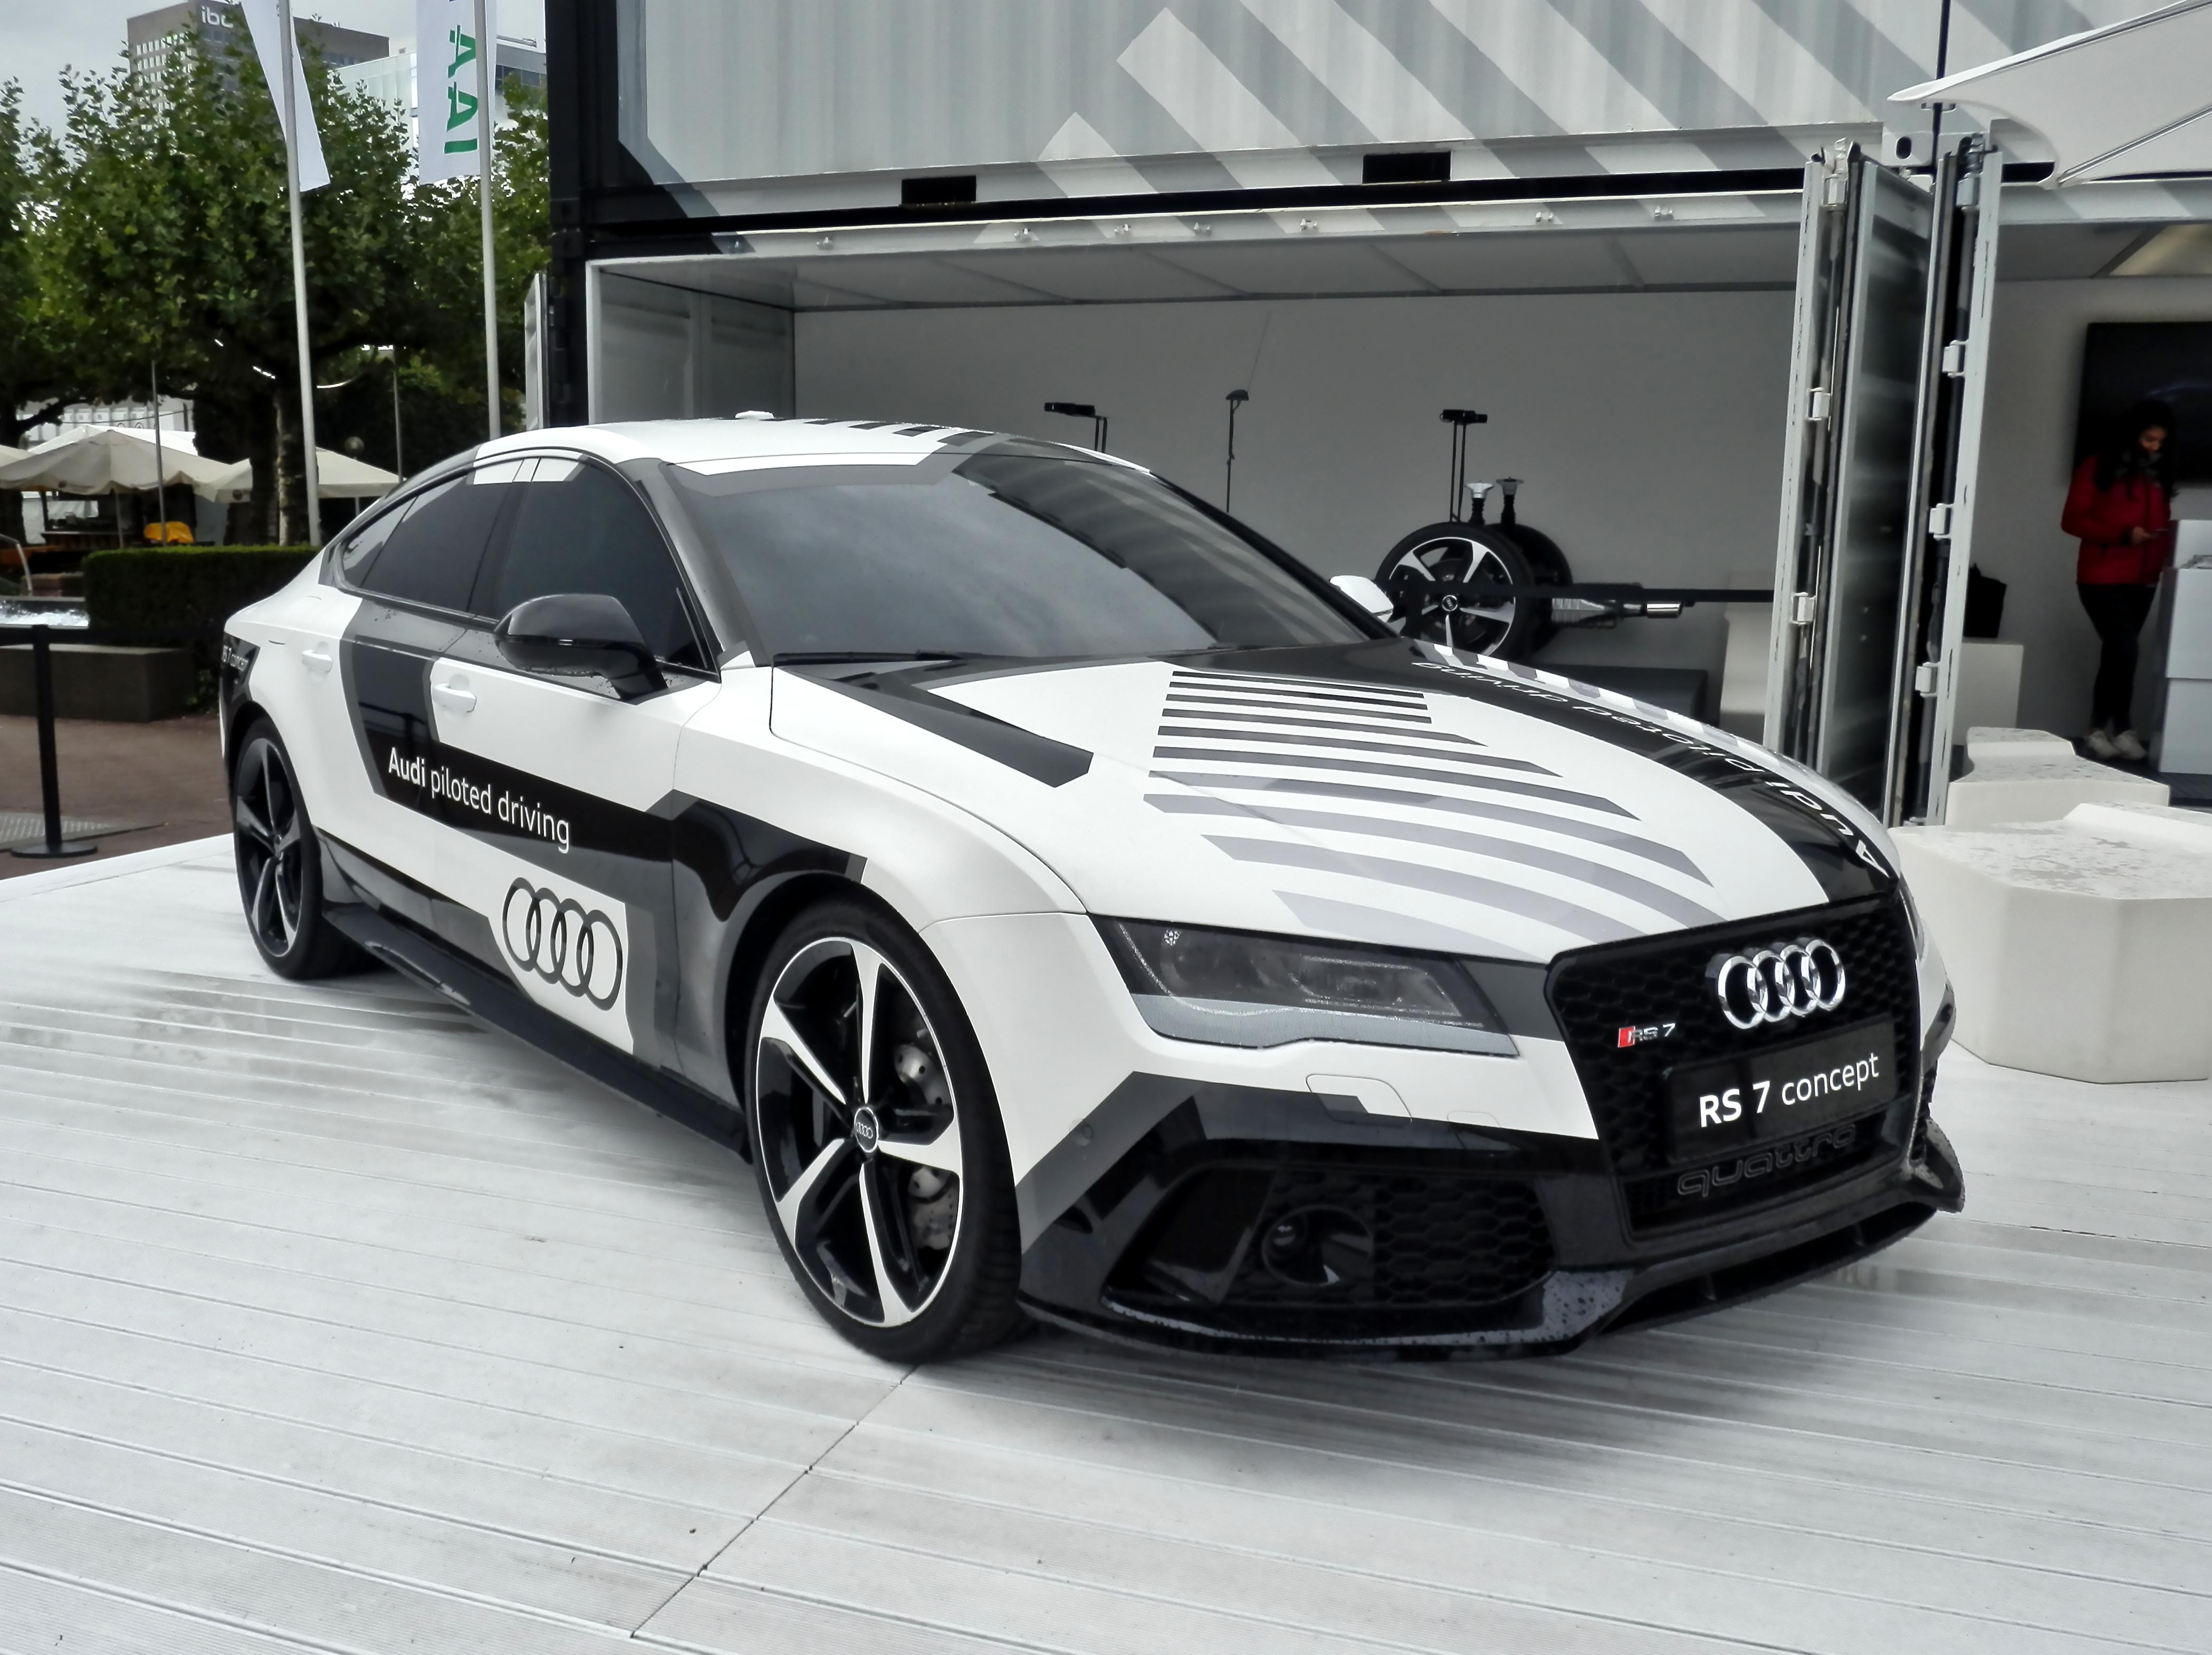 Kelebihan Audi Rs7 2015 Spesifikasi